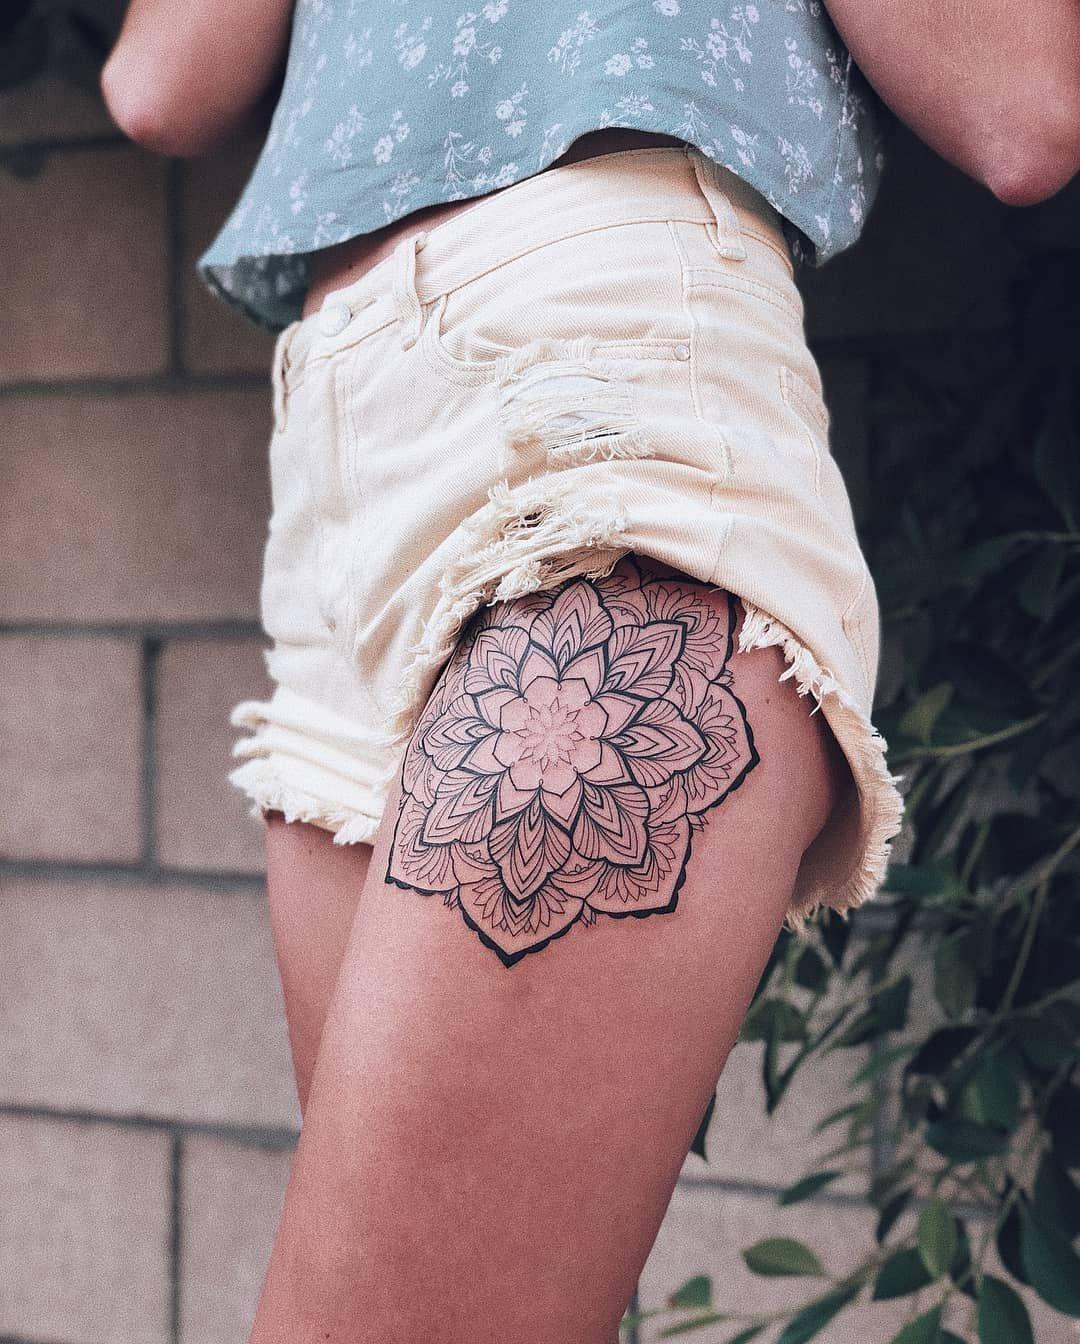 Cool tattoo ideas girls tattootattoostattoo for womentattoo ideastattoo designs